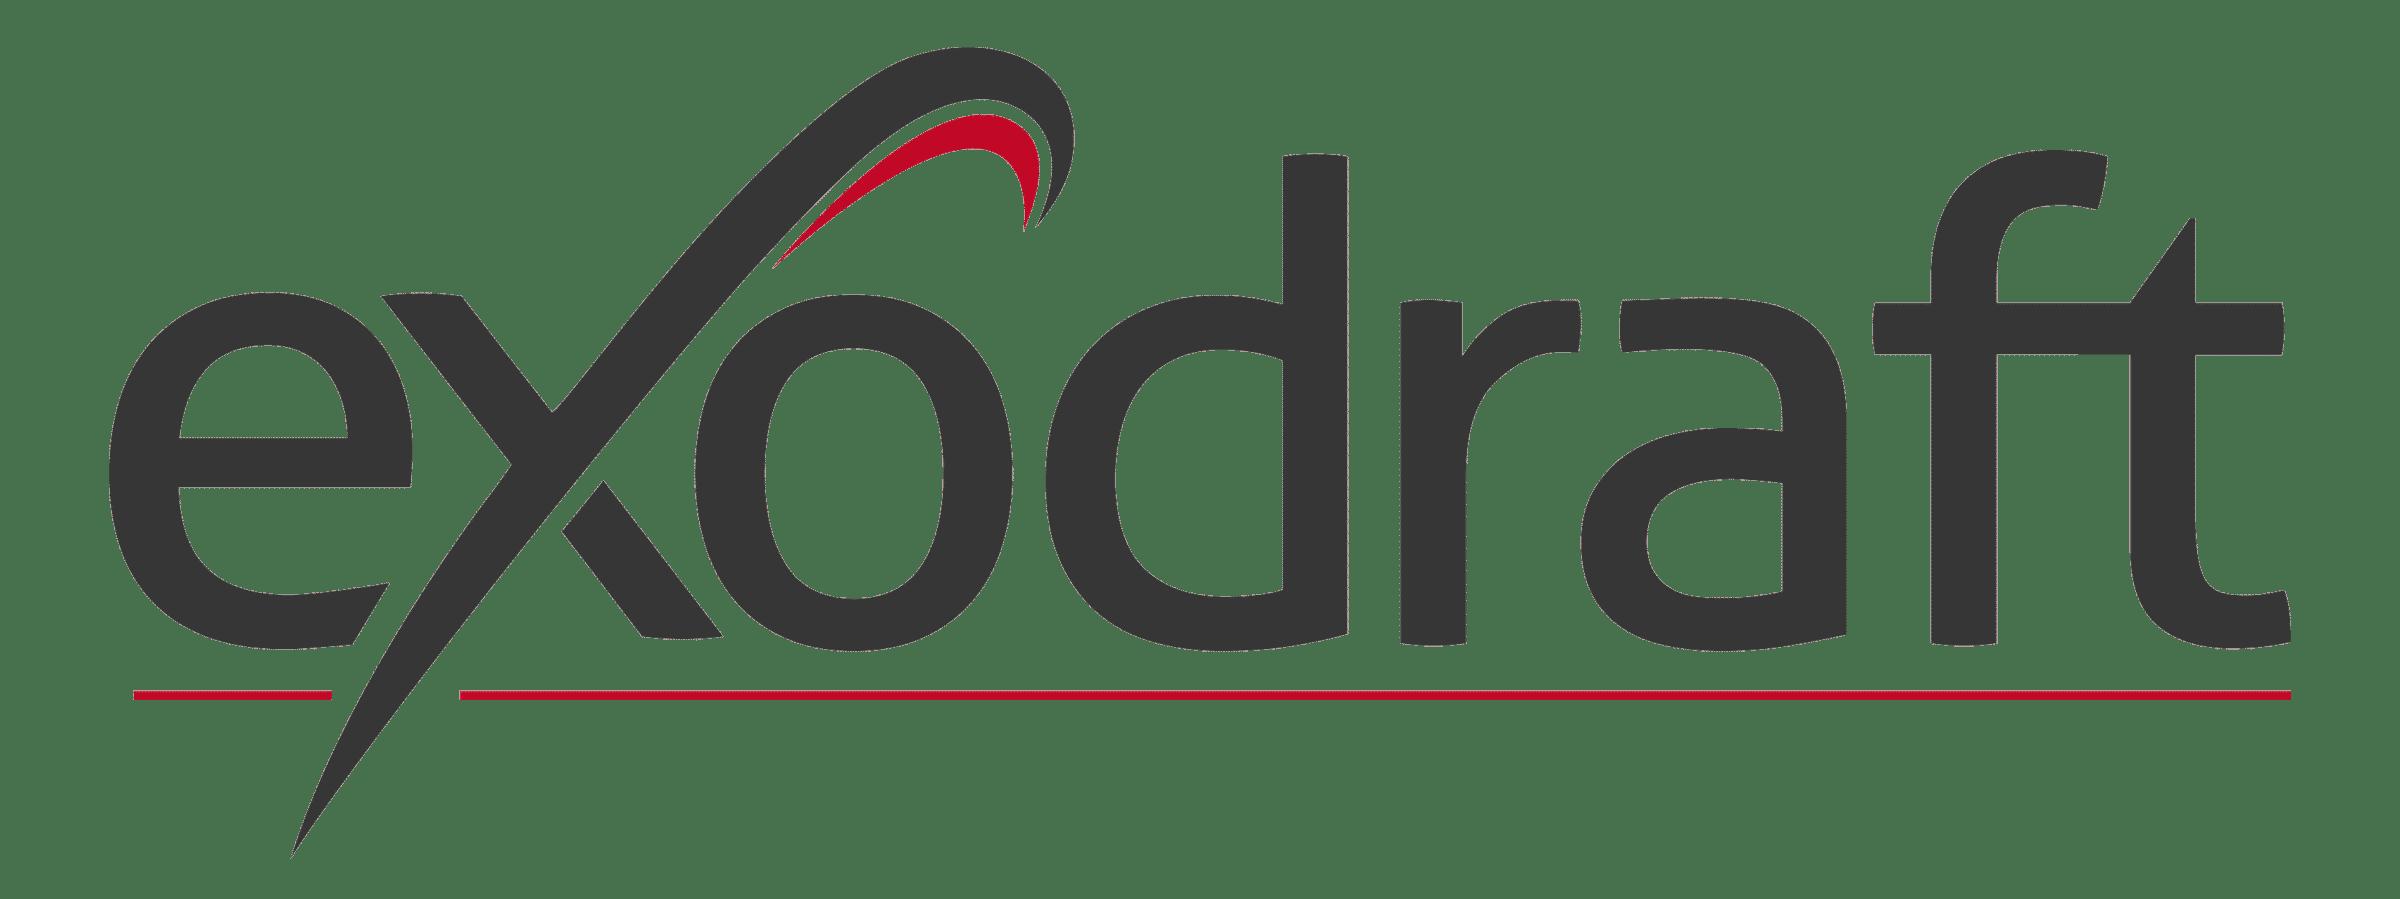 Schiedel зміцнює співпрацю з лідерами галузі